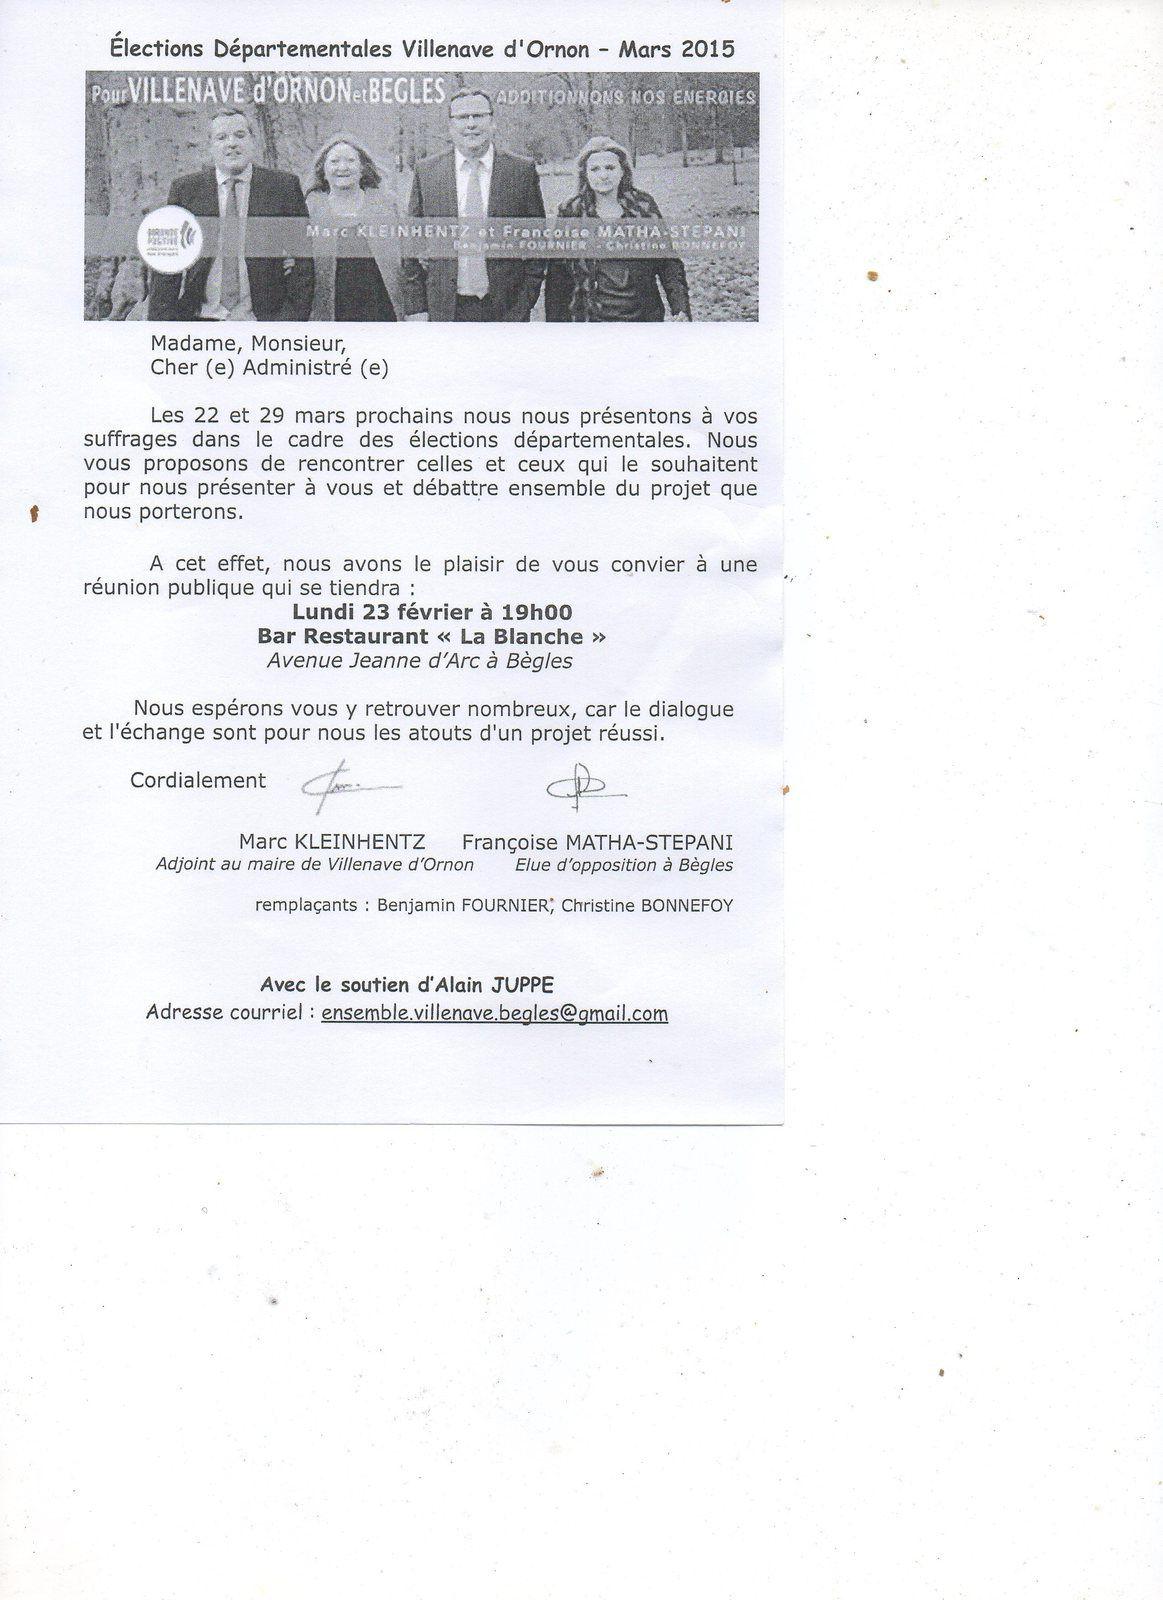 """REUNION PUBLIQUE Lundi 23 Février - 19H00 - Bar Restaurant """"La Blanche"""" Av Jeanne D'Arc à Bègles"""